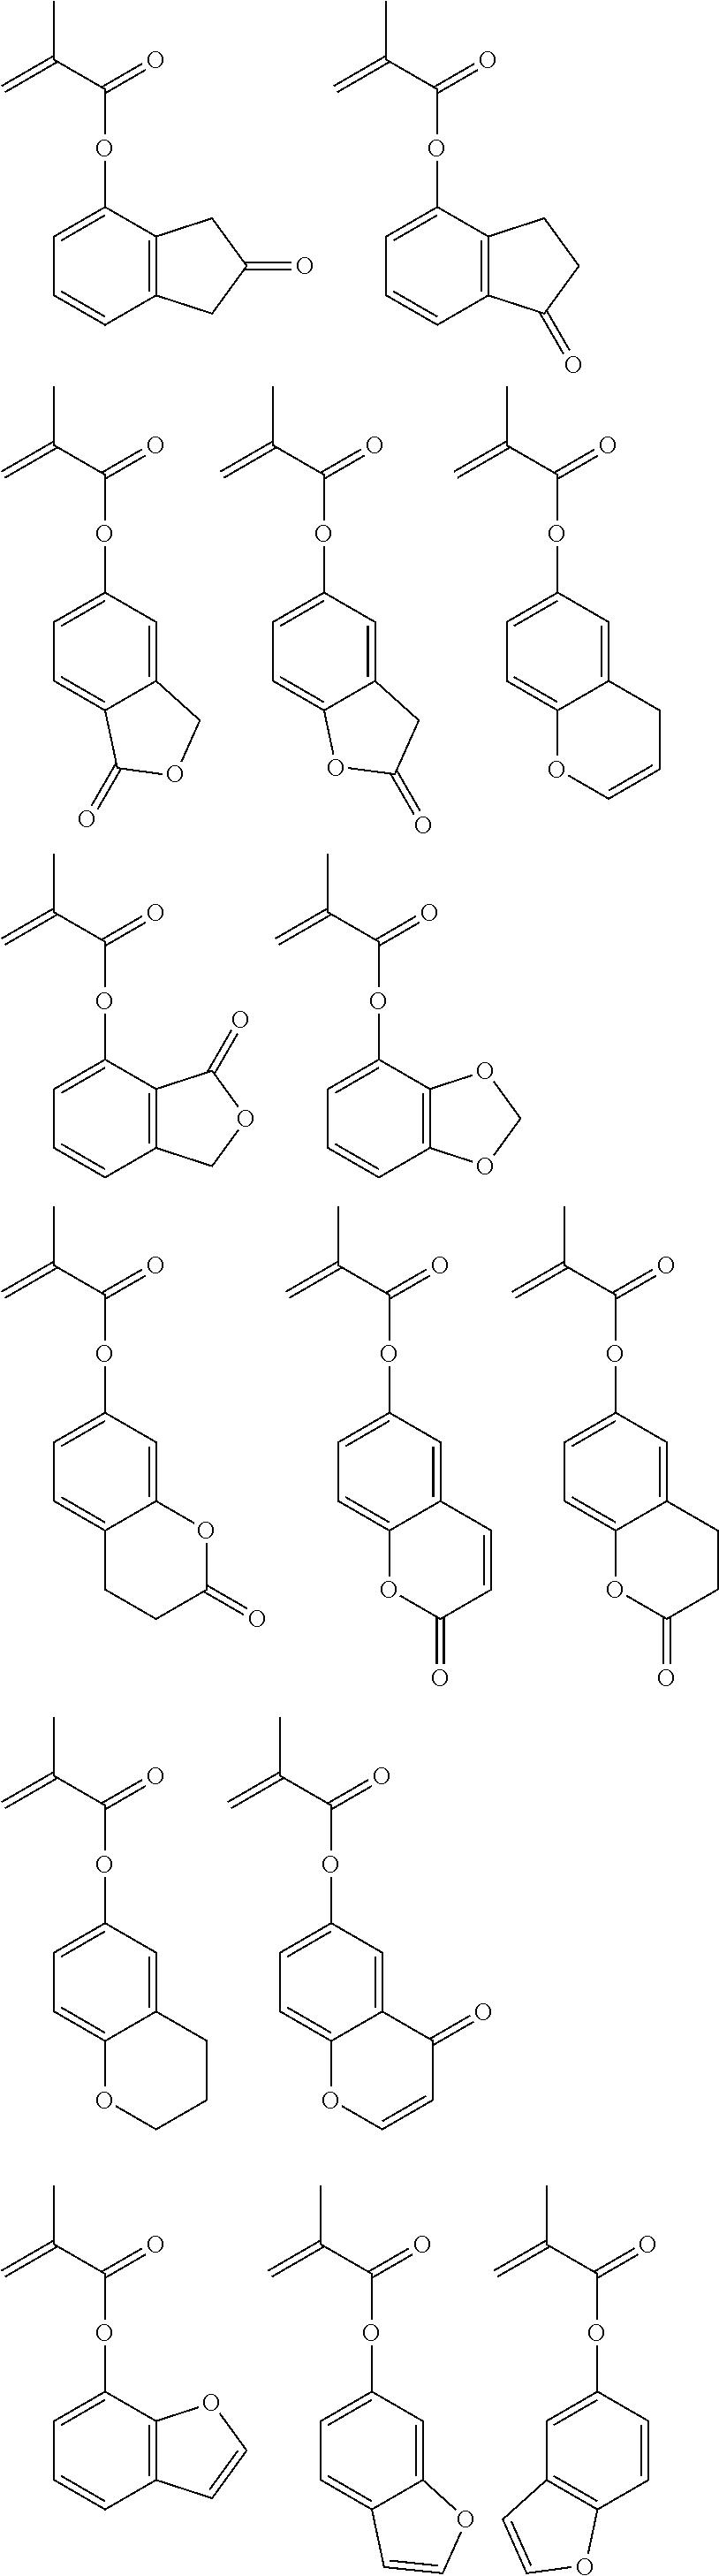 Figure US20110294070A1-20111201-C00047